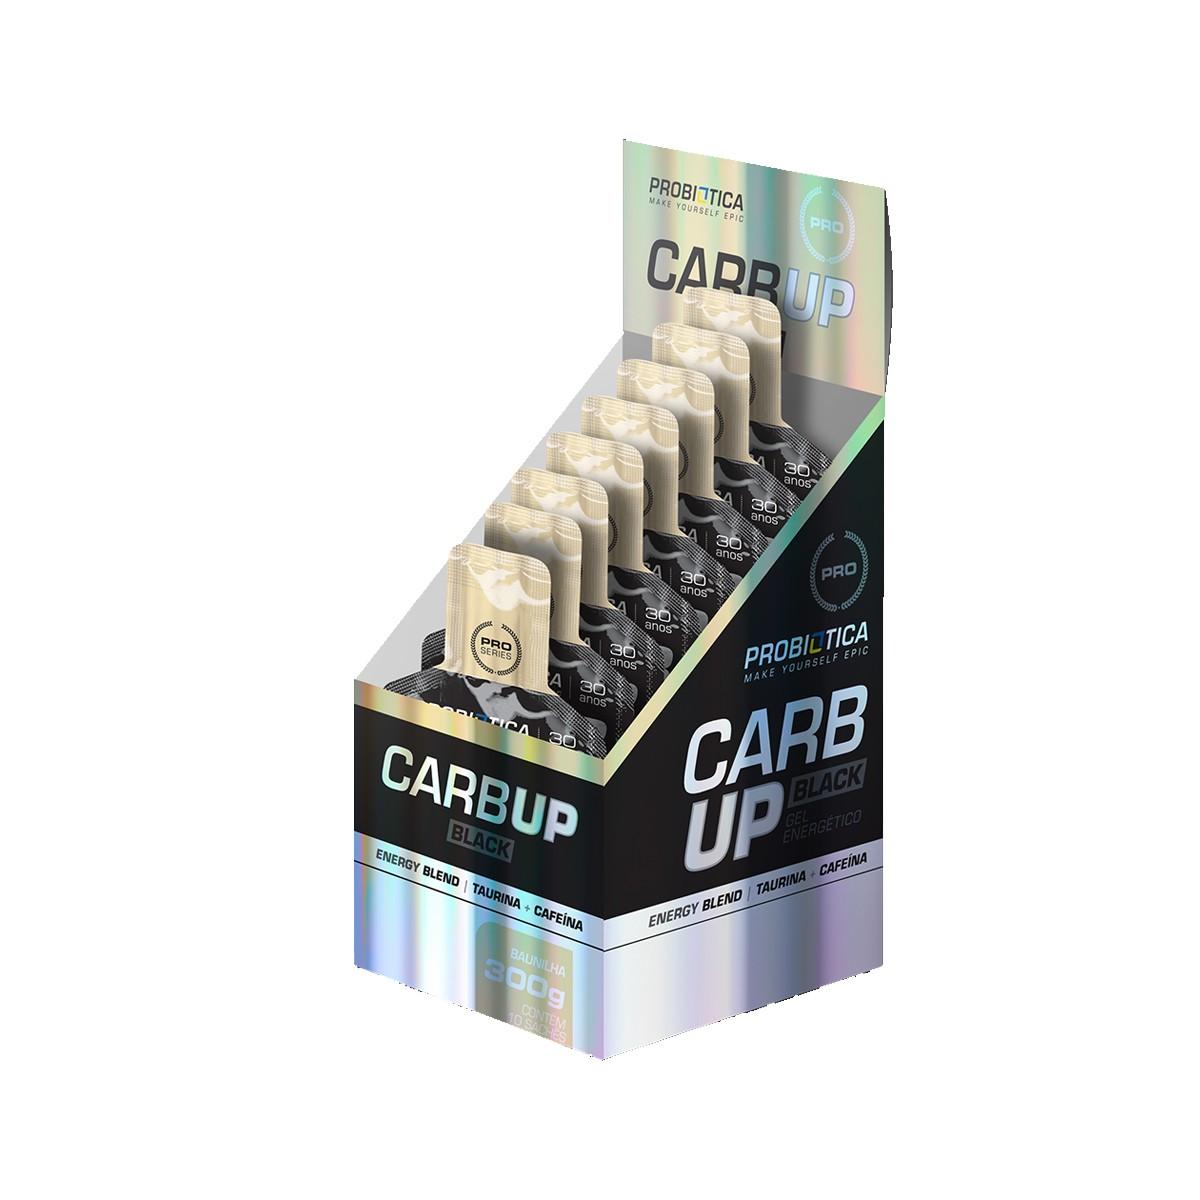 Gel Energético CarbUp Black Sabor Baunilha Display com 10 sachês de 30g- Probiotica